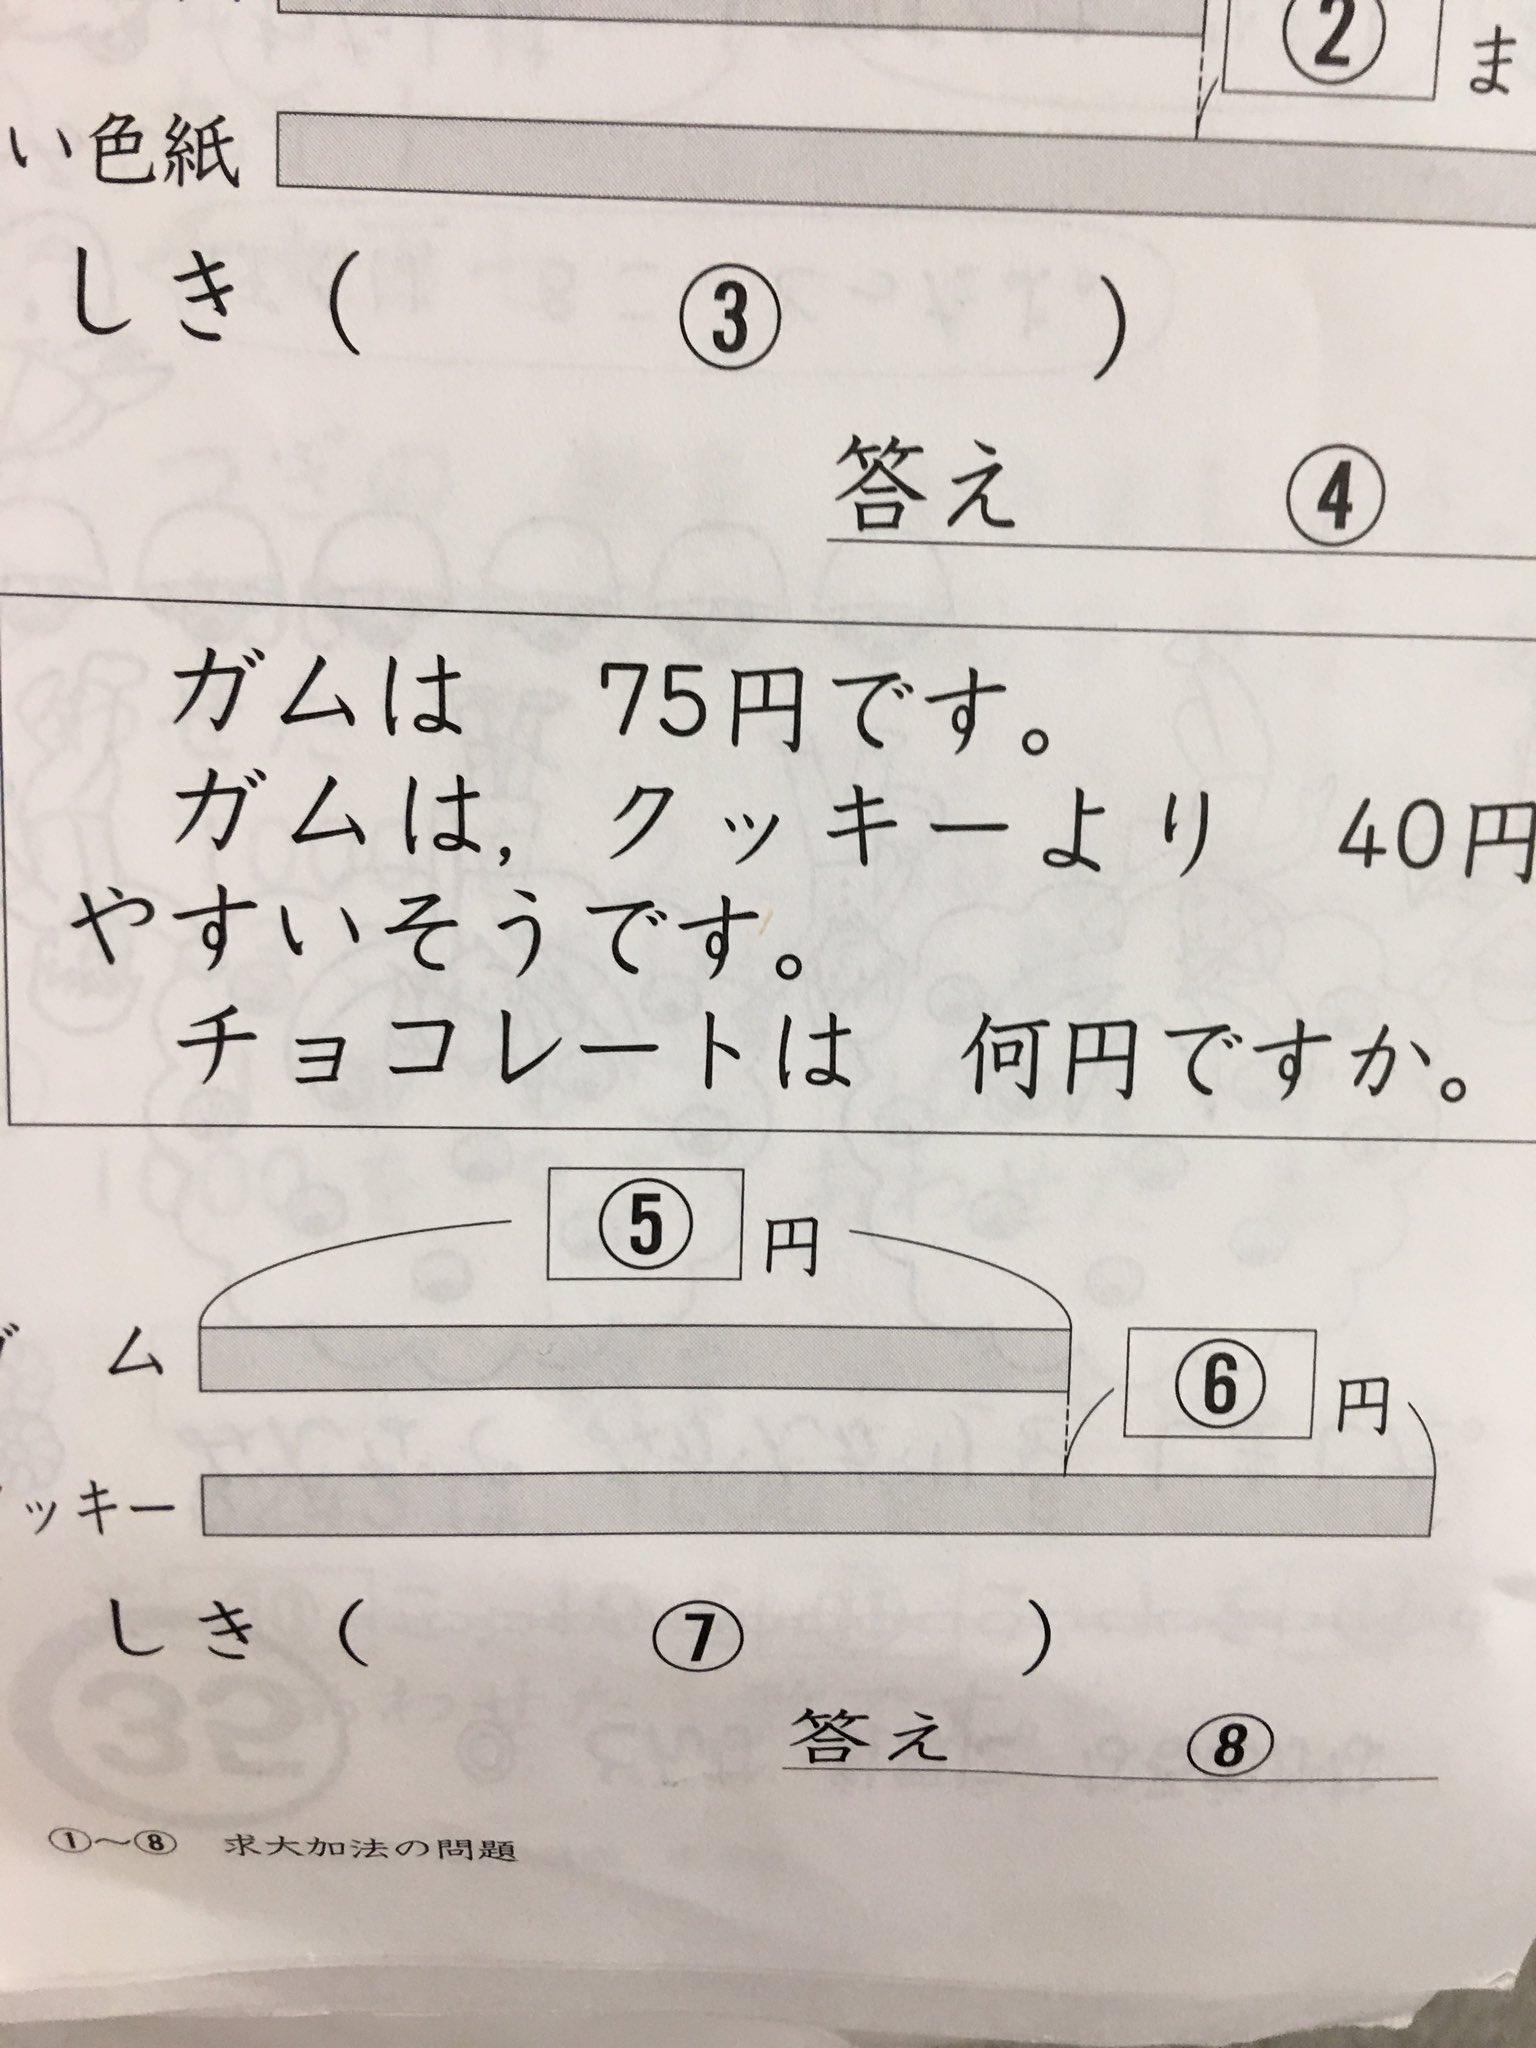 1 - 香川県のゲーム依存・ガチャ抑制対策ってバカが騒いで潰れたけど、本来は国が規制すべきだよな